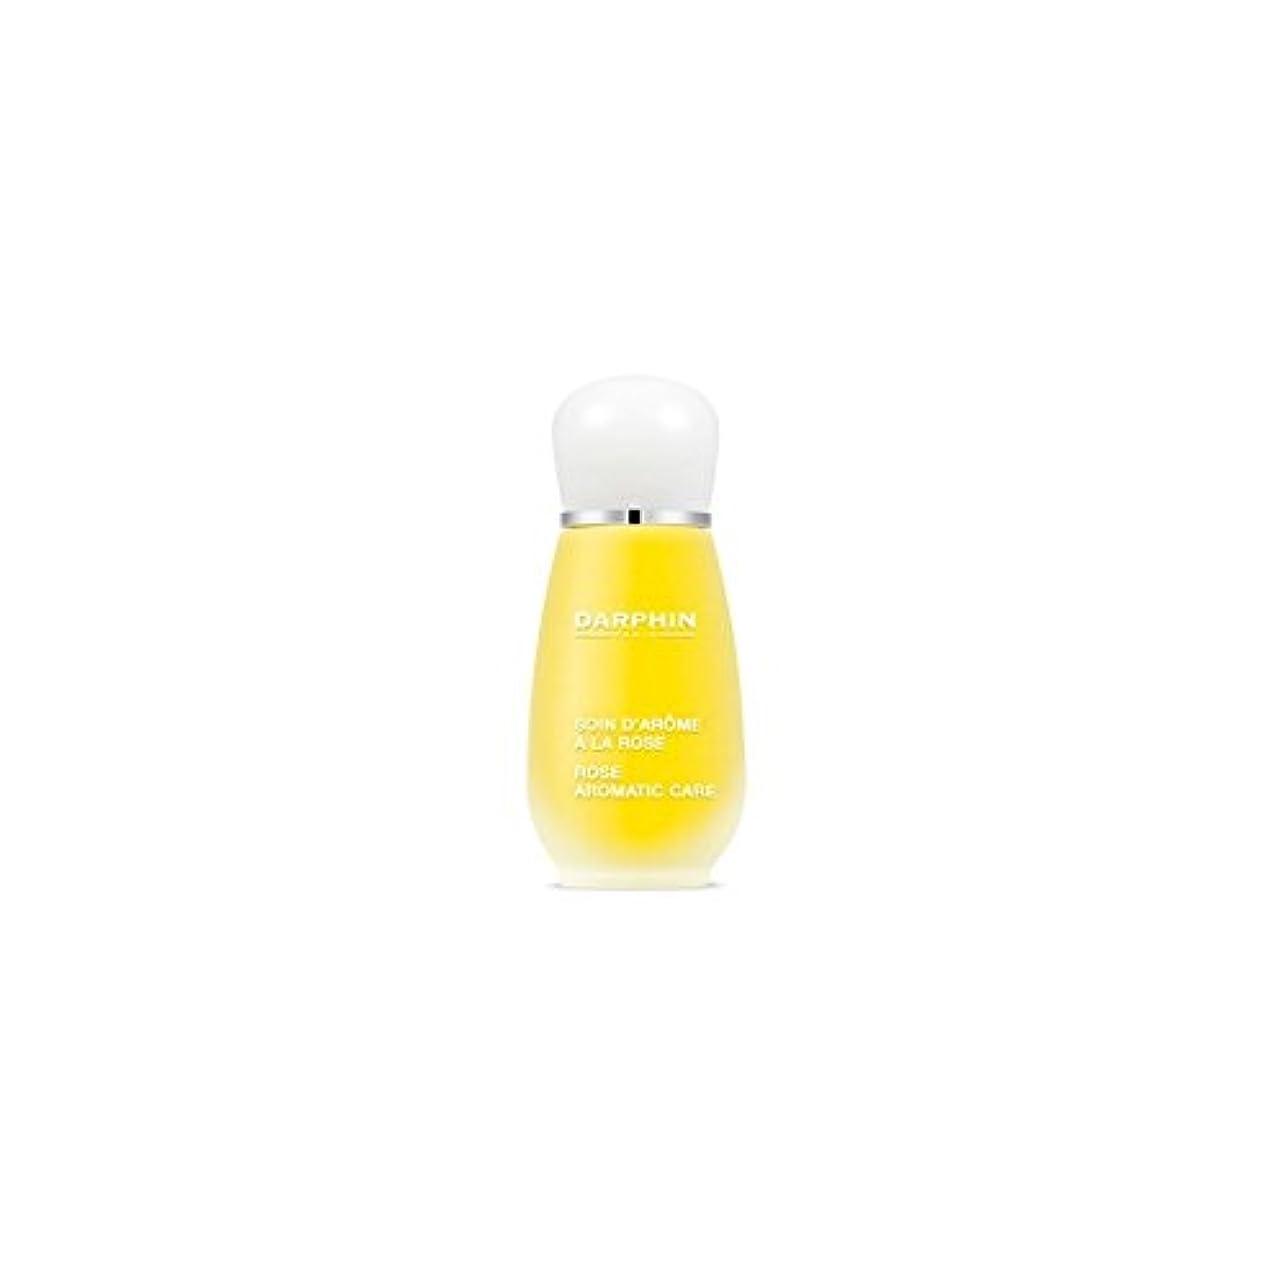 に慣れコーナー吹きさらしDarphin Rose Aromatic Care (15ml) (Pack of 6) - 芳香ケア(15ミリリットル)をバラダルファン x6 [並行輸入品]